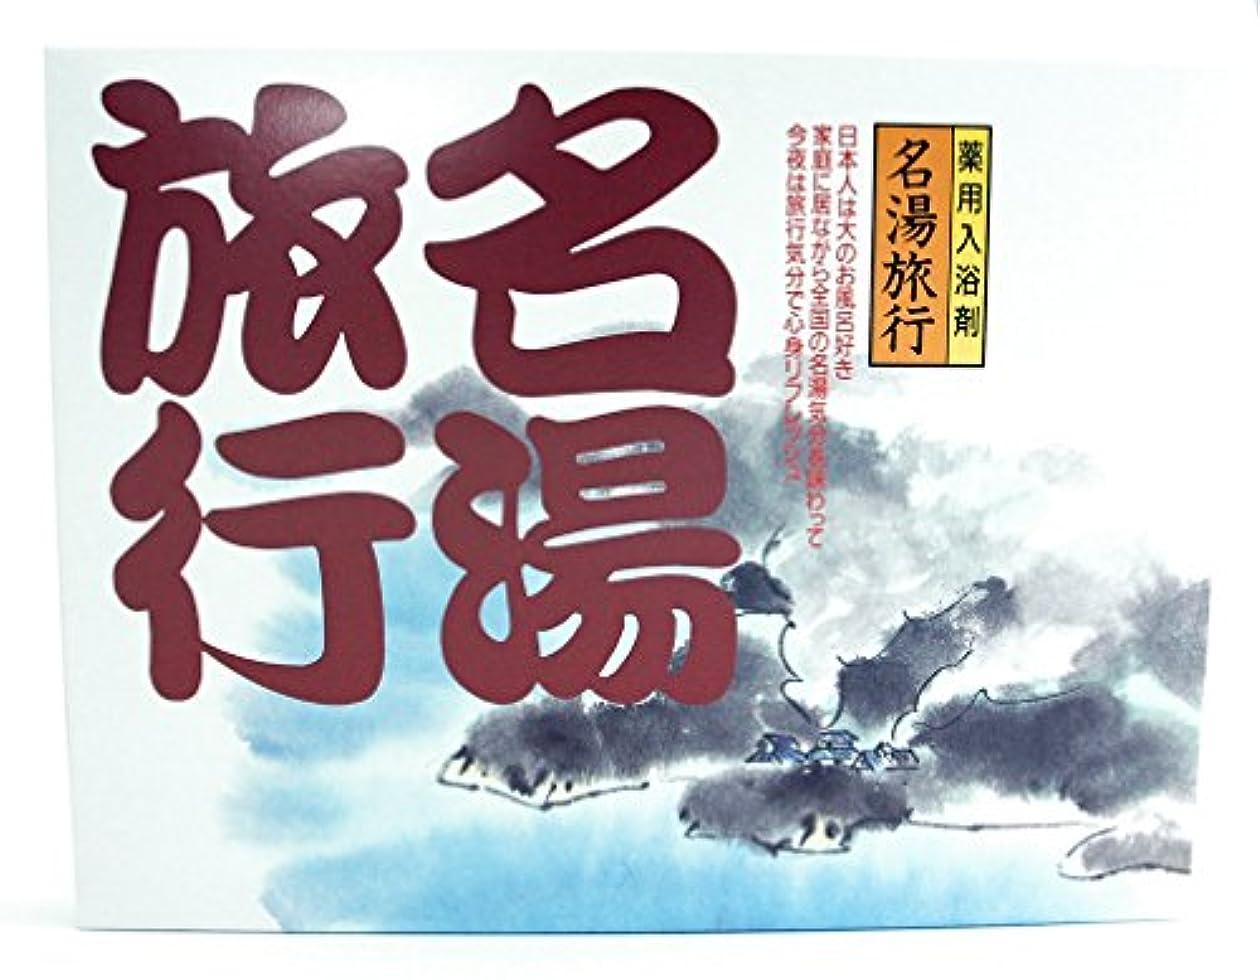 力学ハンバーガー脊椎名湯旅行ギフトセット MTR20 [医薬部外品]